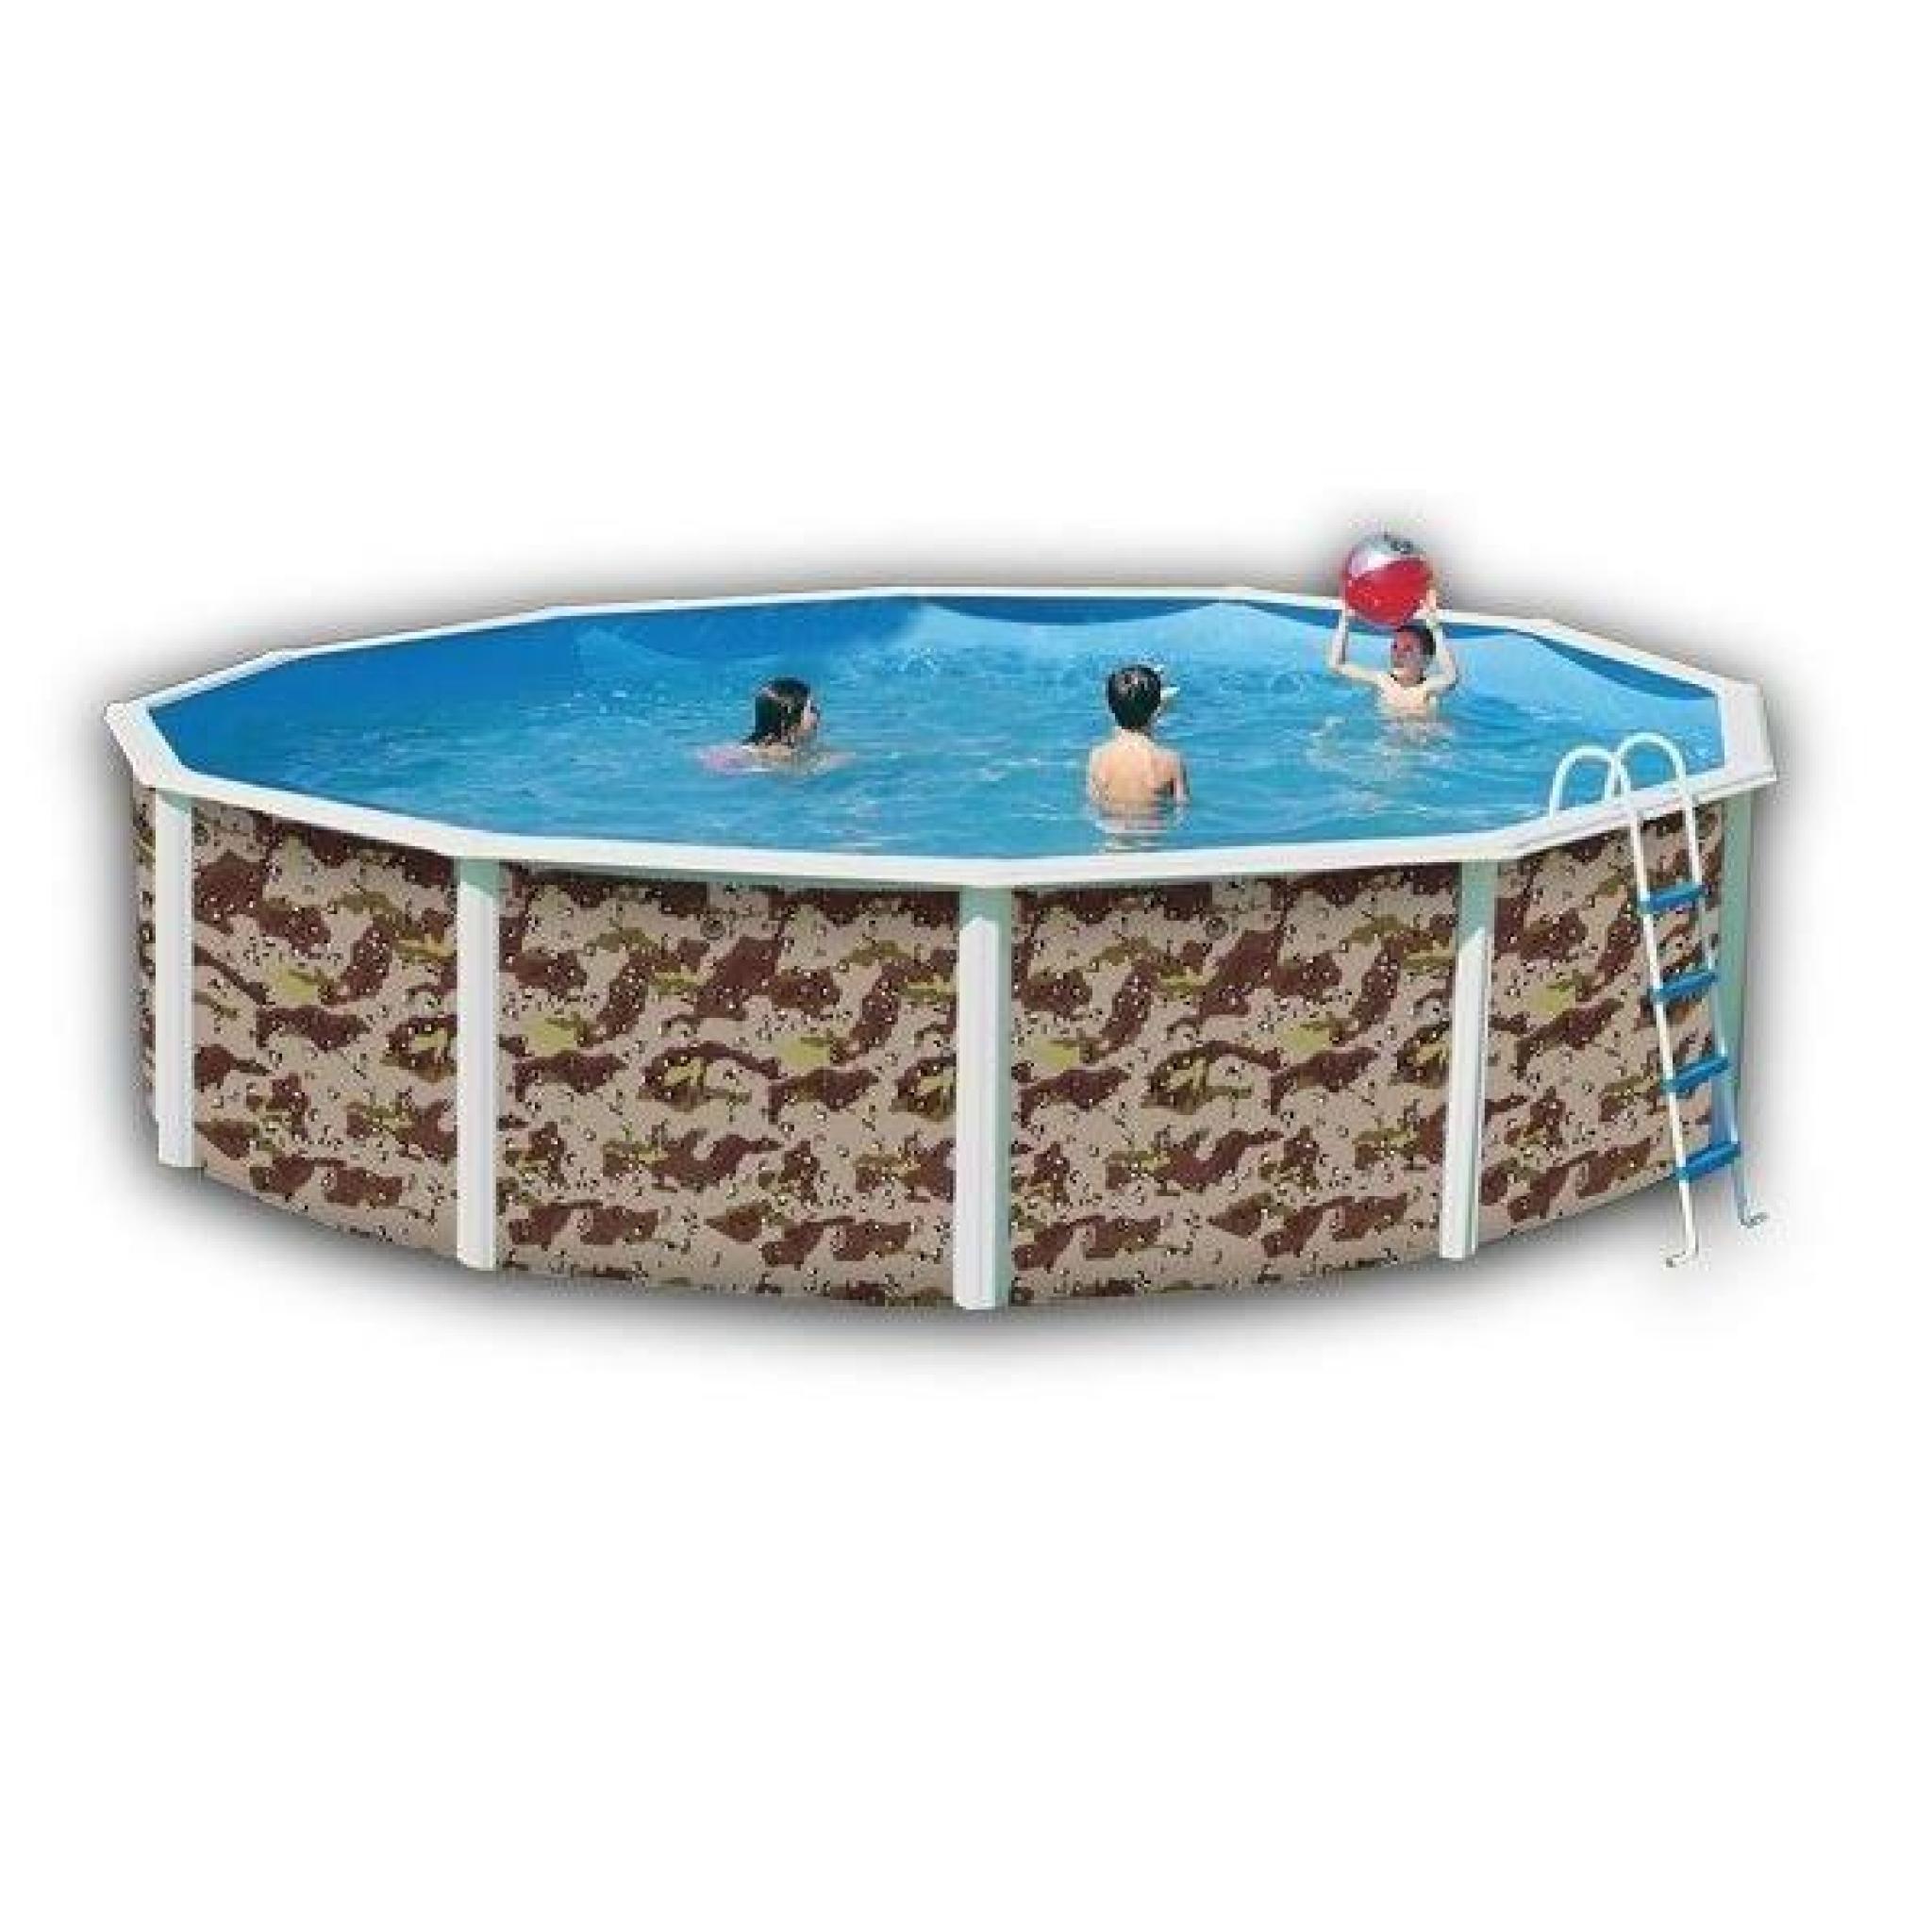 Camouflage piscine en acier circulaire 350x120 achat - Piscine hors sol acier pas cher ...